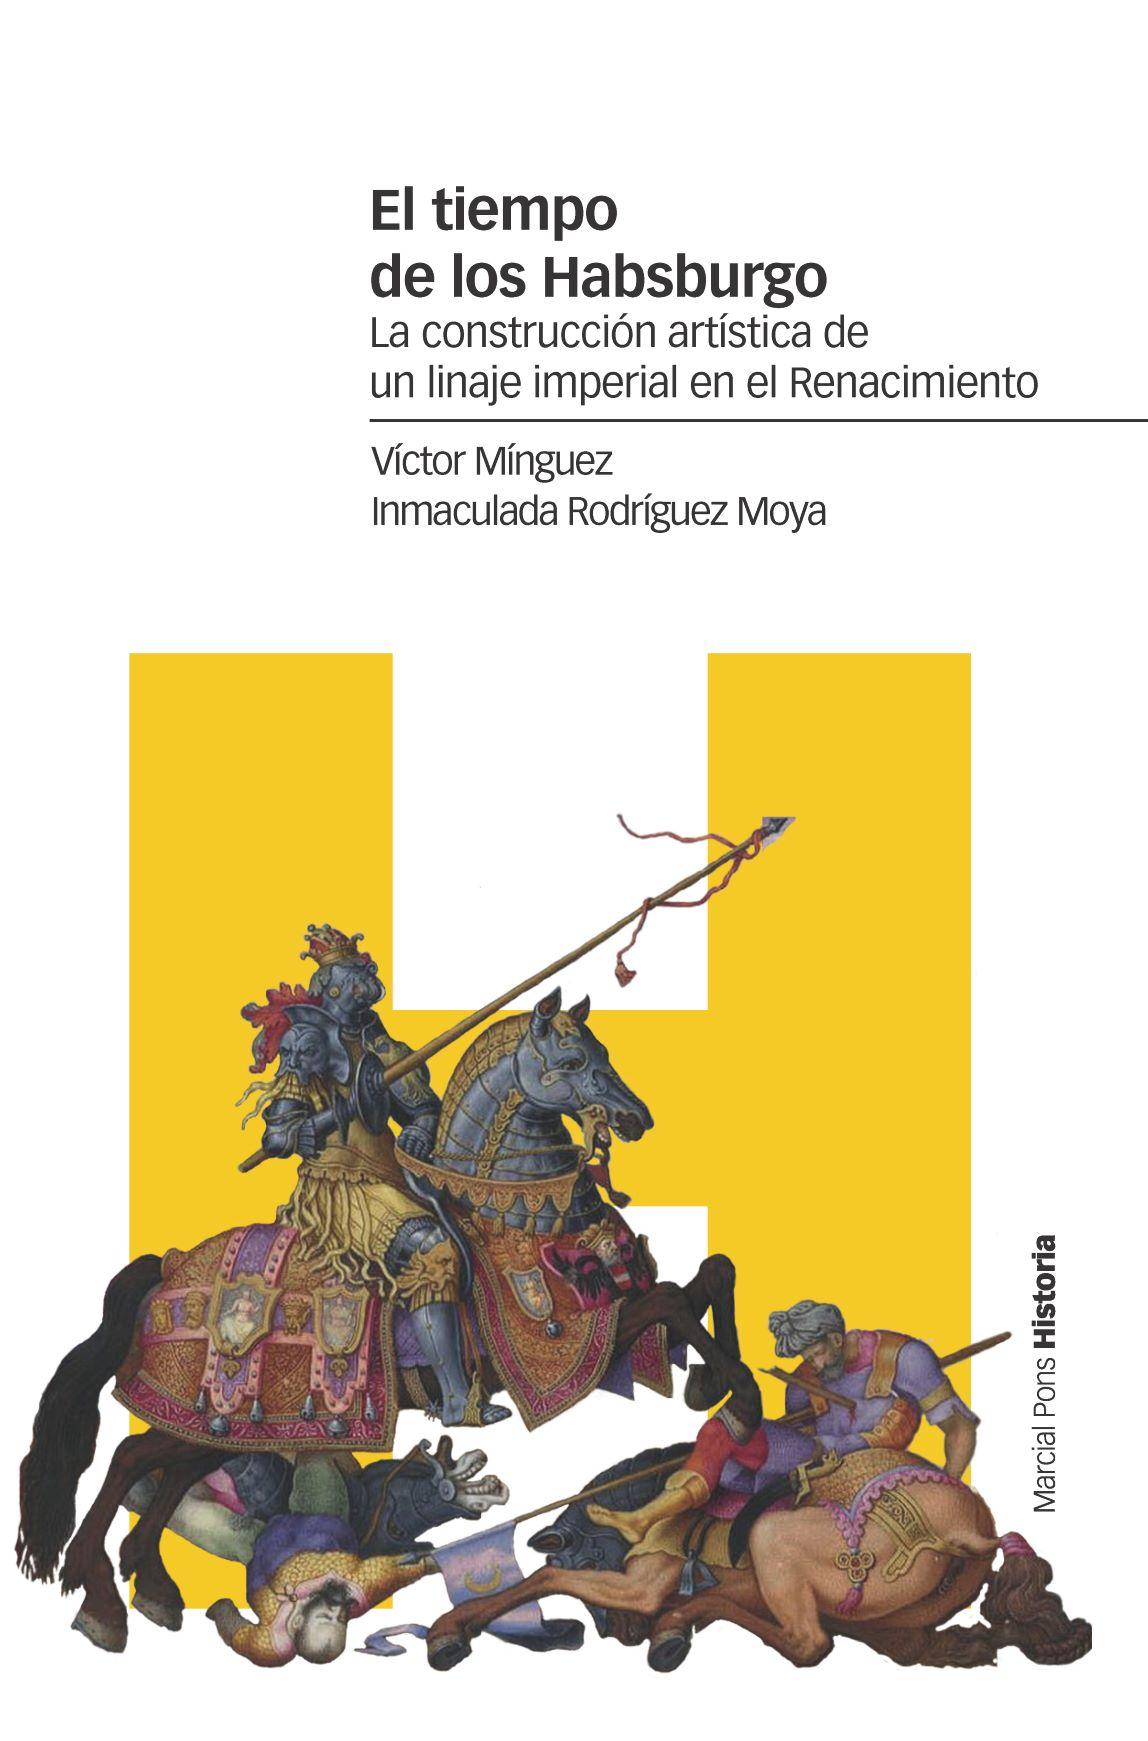 El tiempo de los Habsburgo   «La construcción artística de un linaje imperial en el Renacimiento»